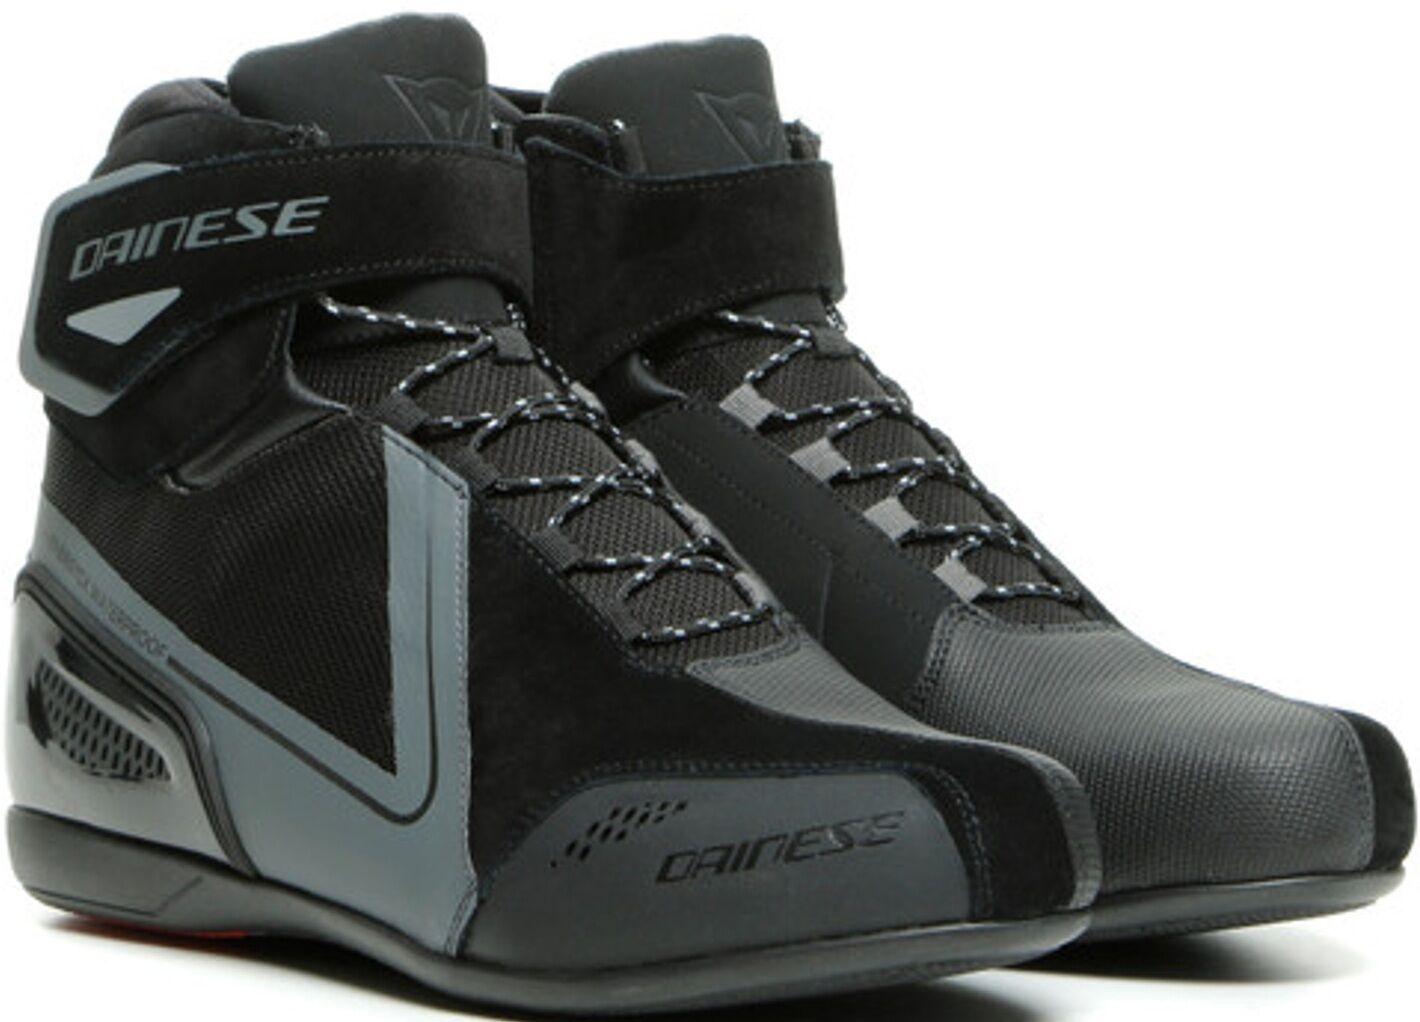 Dainese Energyca D-WP chaussures de moto imperméables à l'eau Noir Gris taille : 39